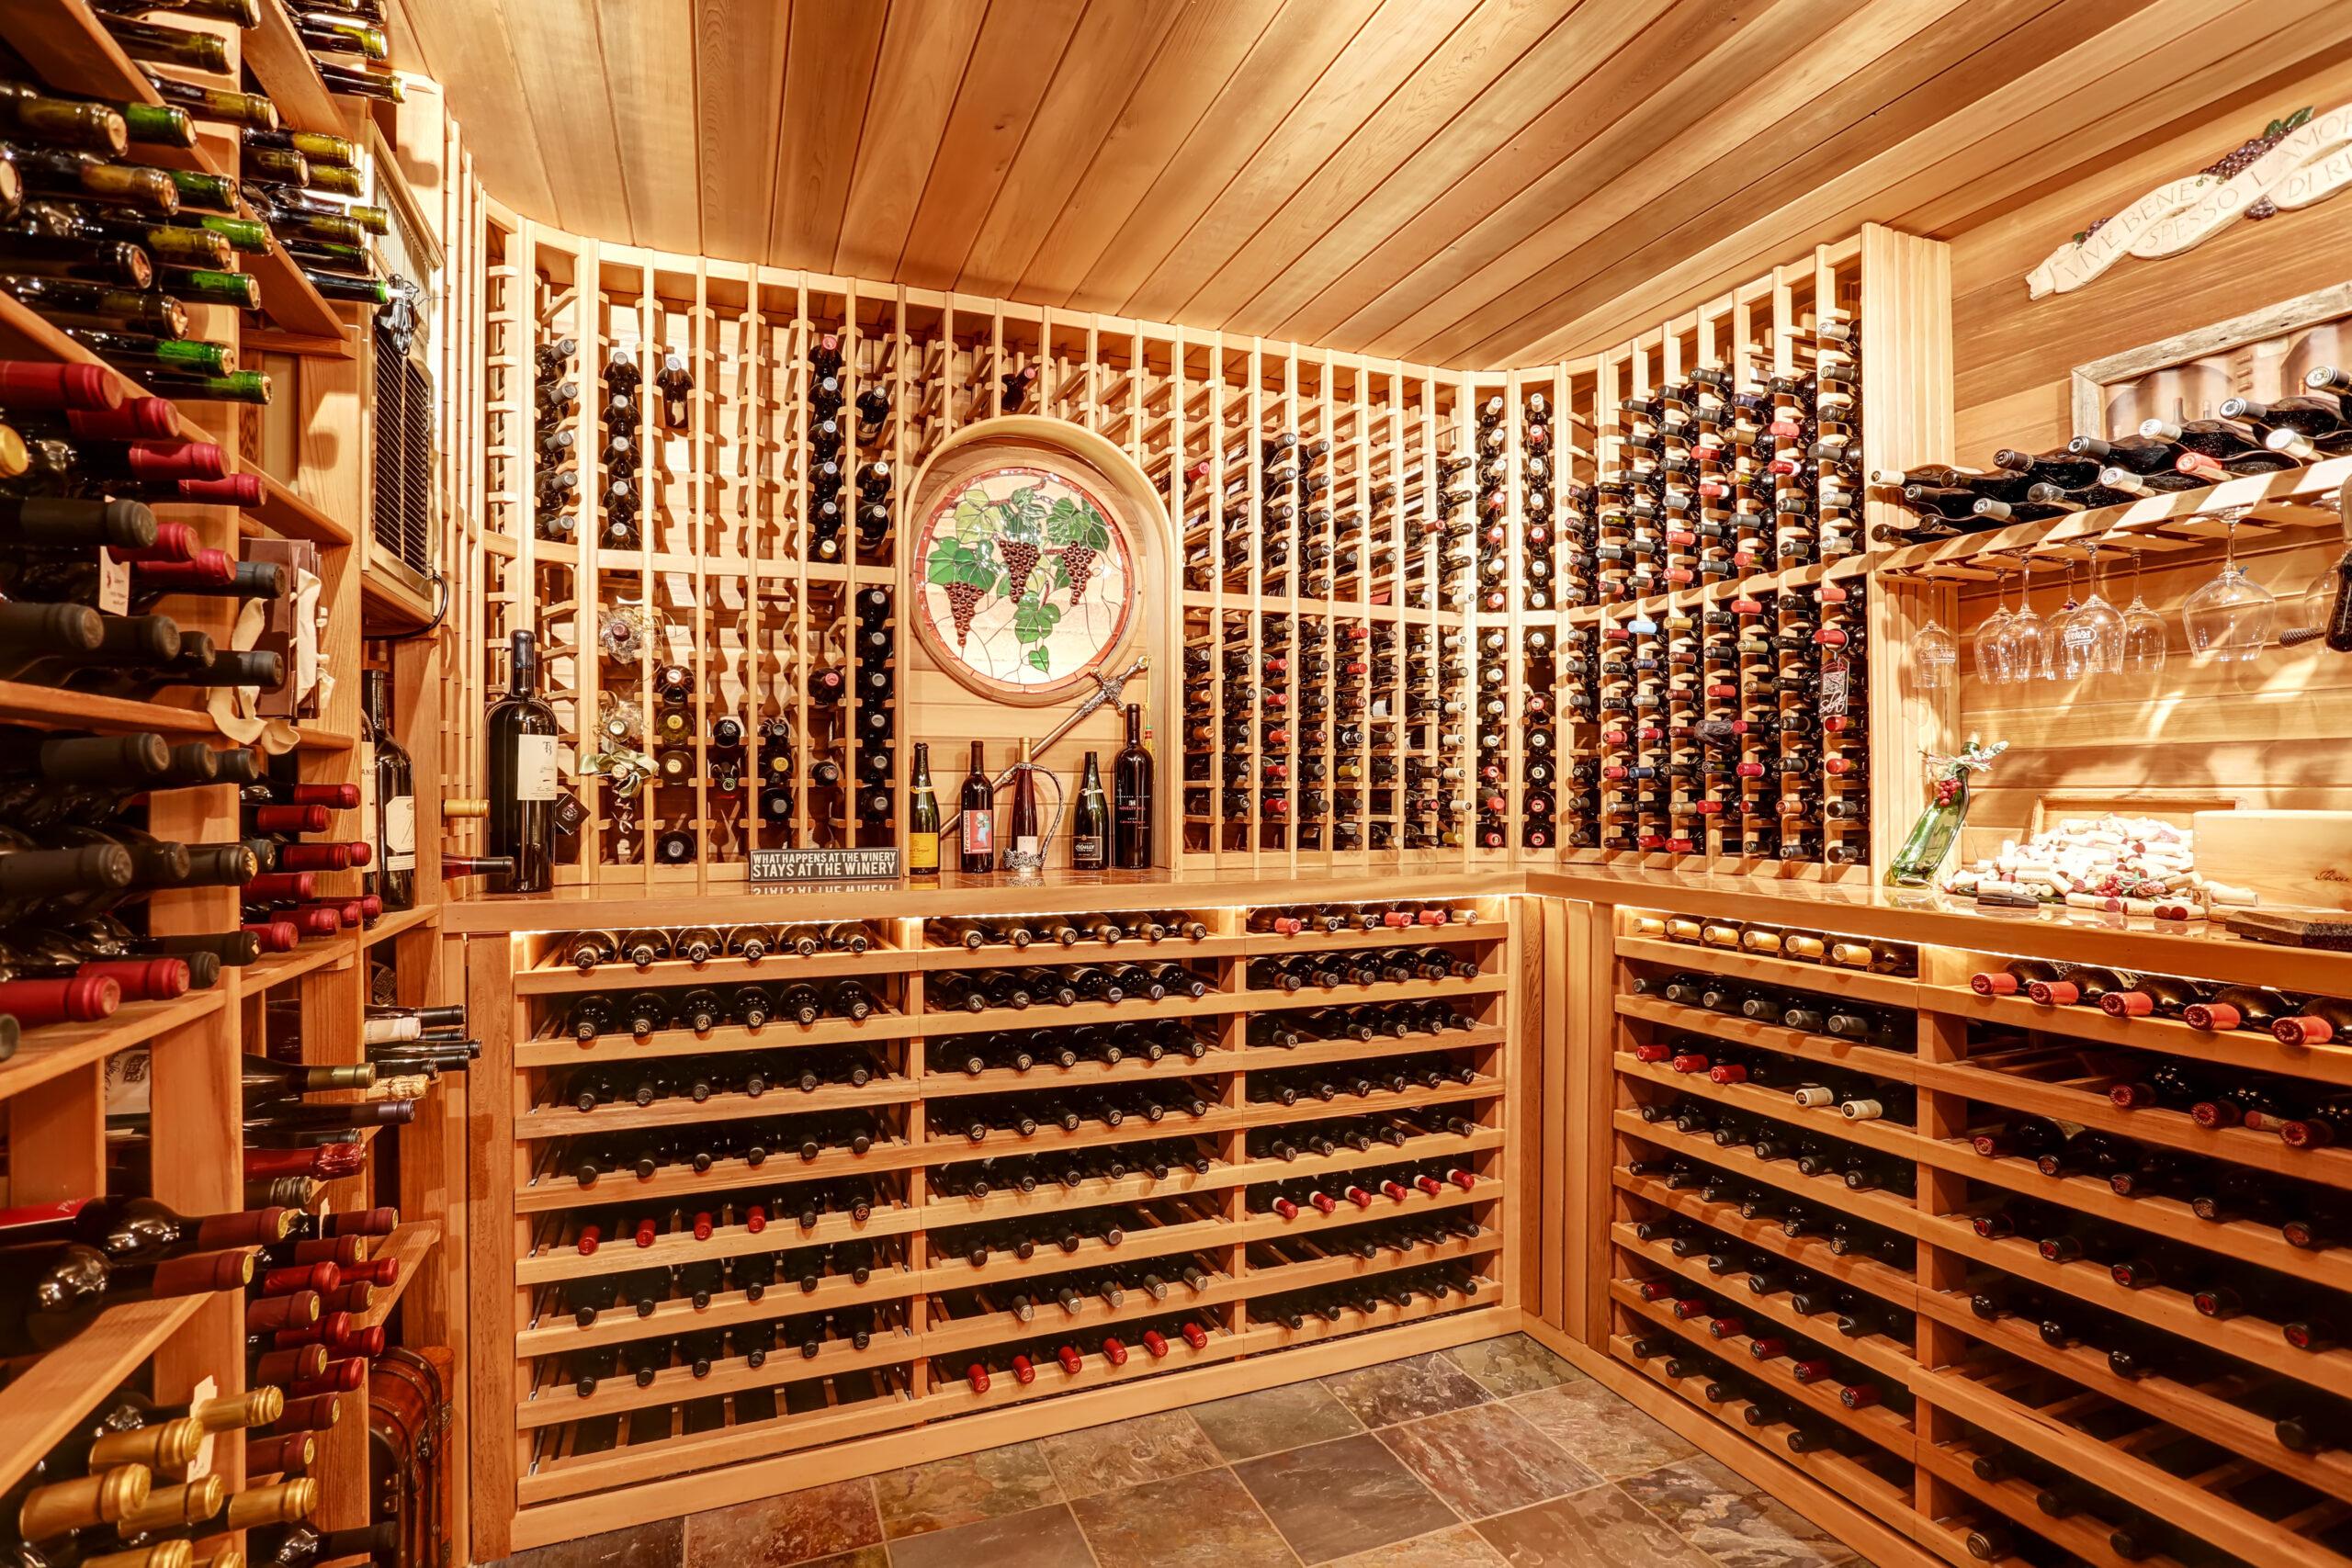 Conserver-les-vins-dans-une-cave-a-vin-de-conservation